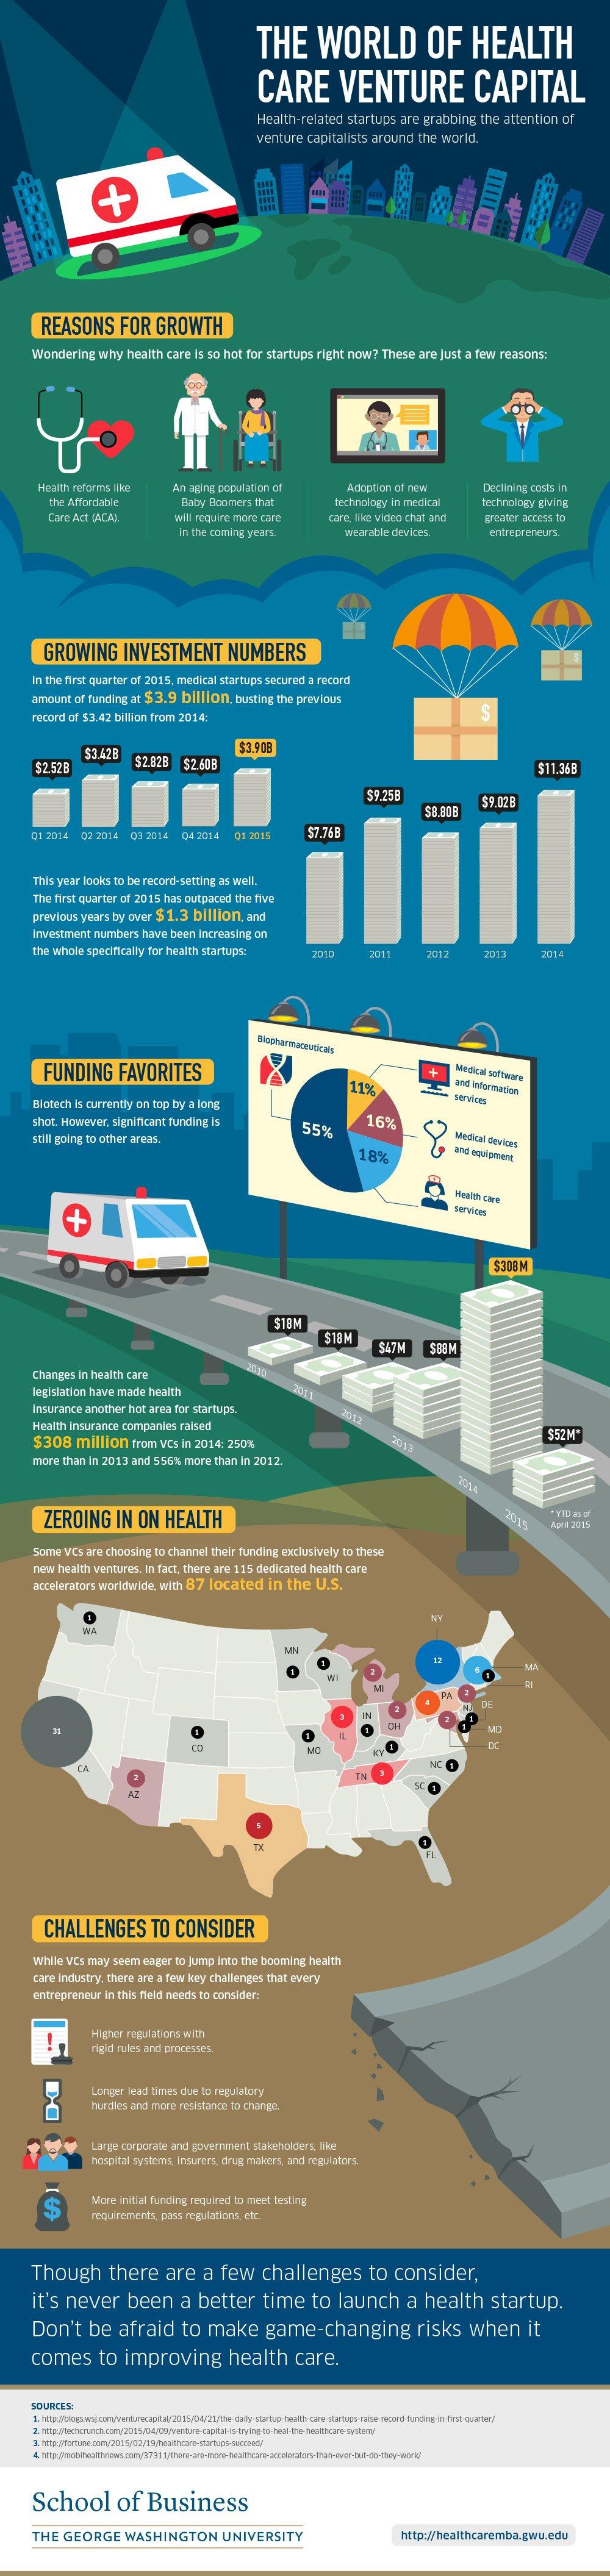 Healthcare-Venture-Capital_